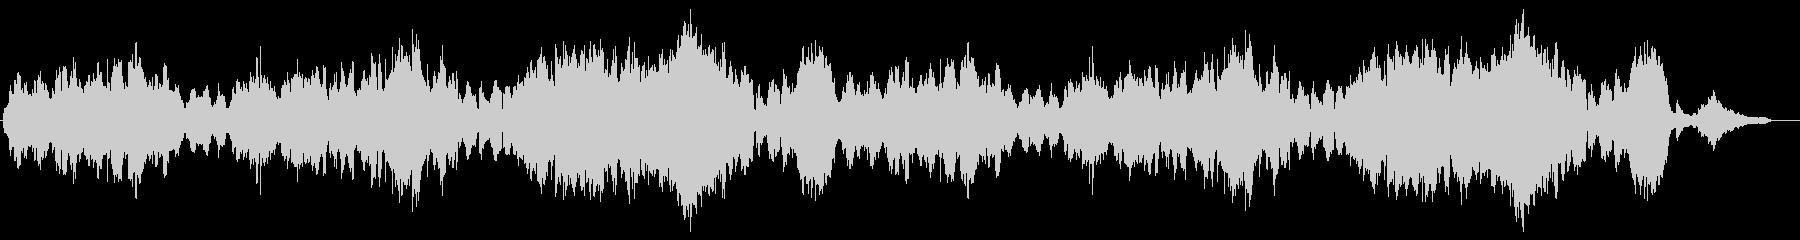 オーボエとトランペットのやさしいバラードの未再生の波形